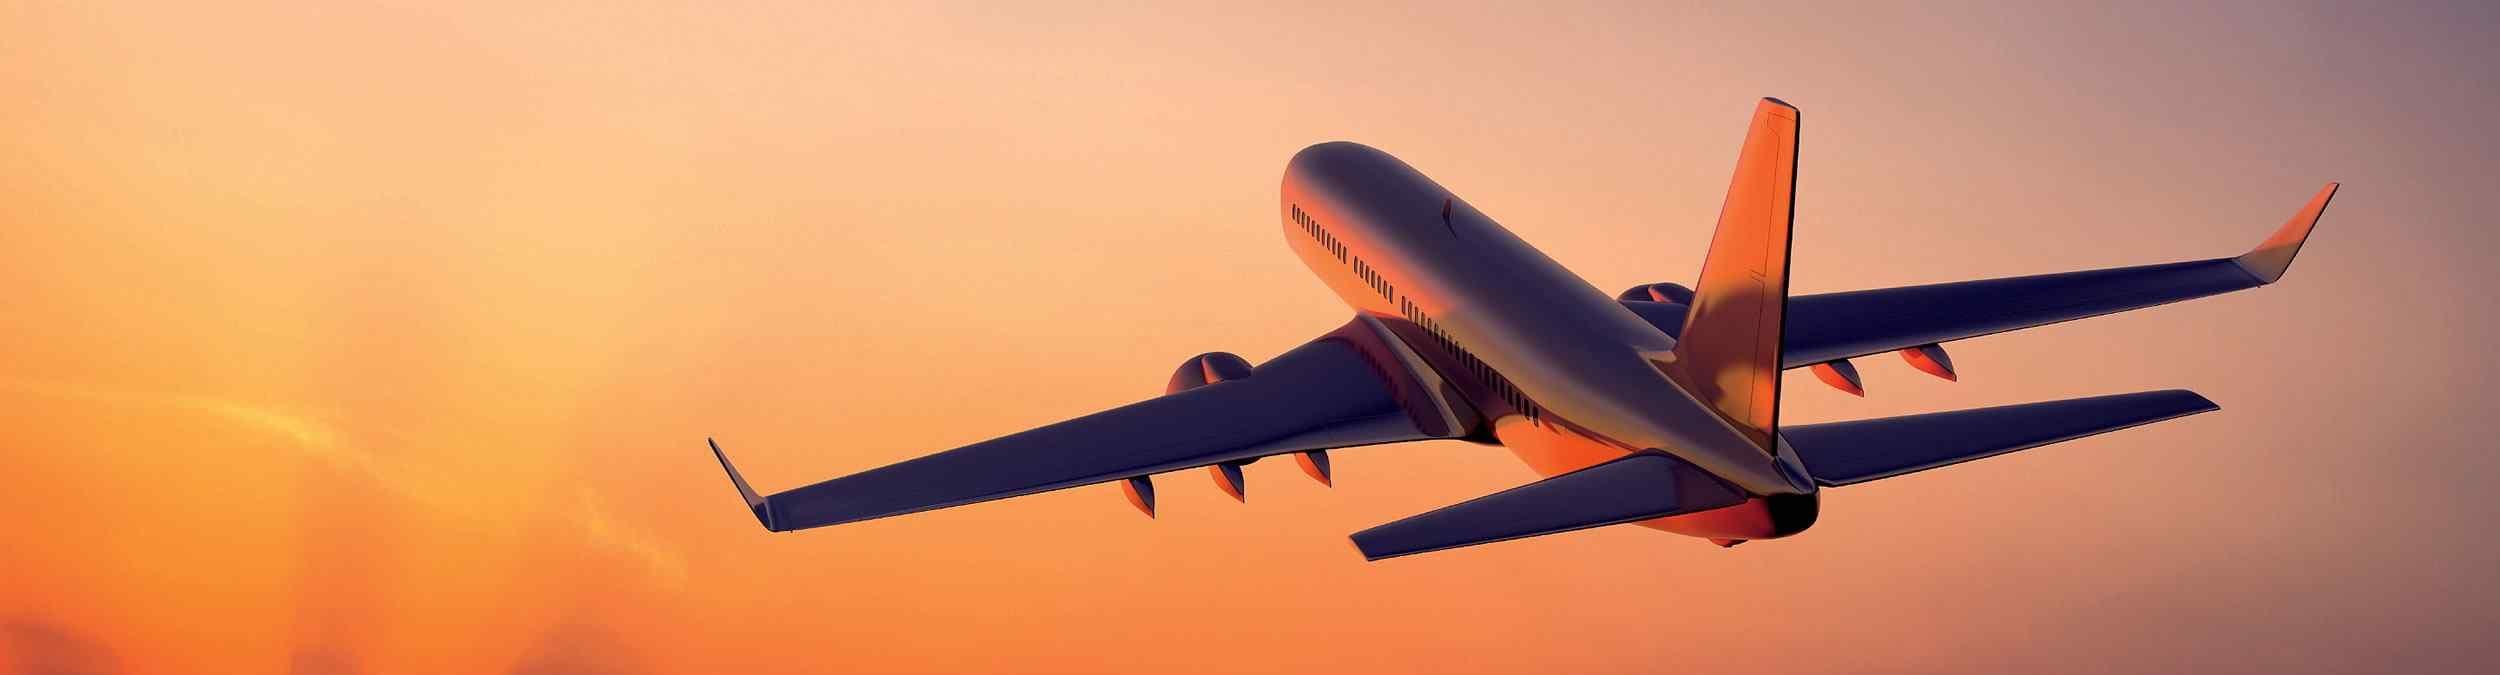 airliner-plane-sunset-1-e1603093917858.jpg